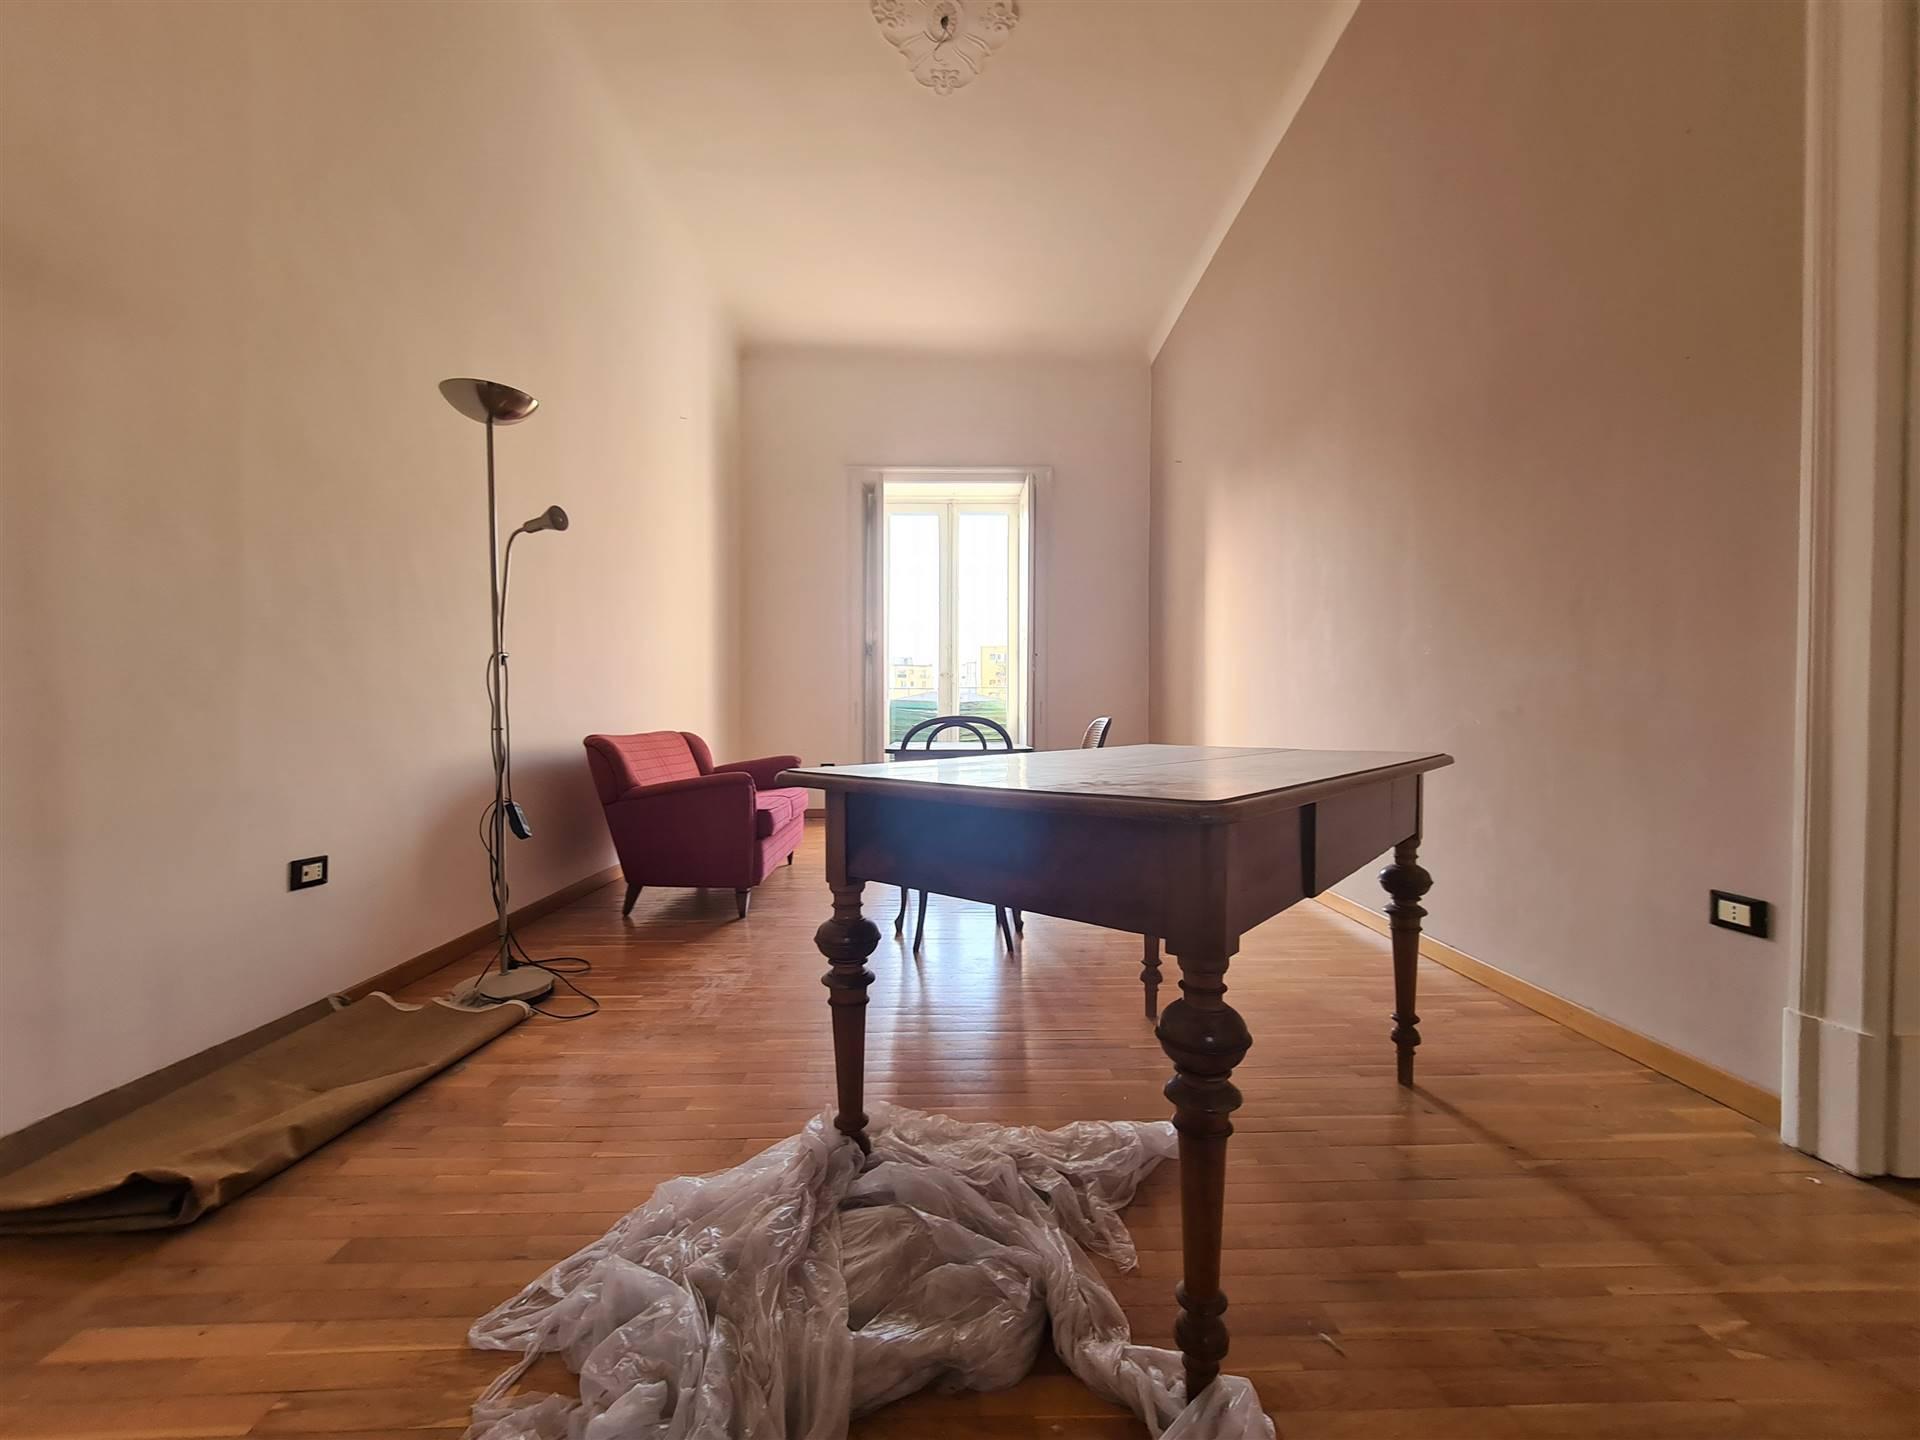 AF847D-Appartamento-SANTA-MARIA-CAPUA-VETERE-Corso-Ugo-de-Carolis